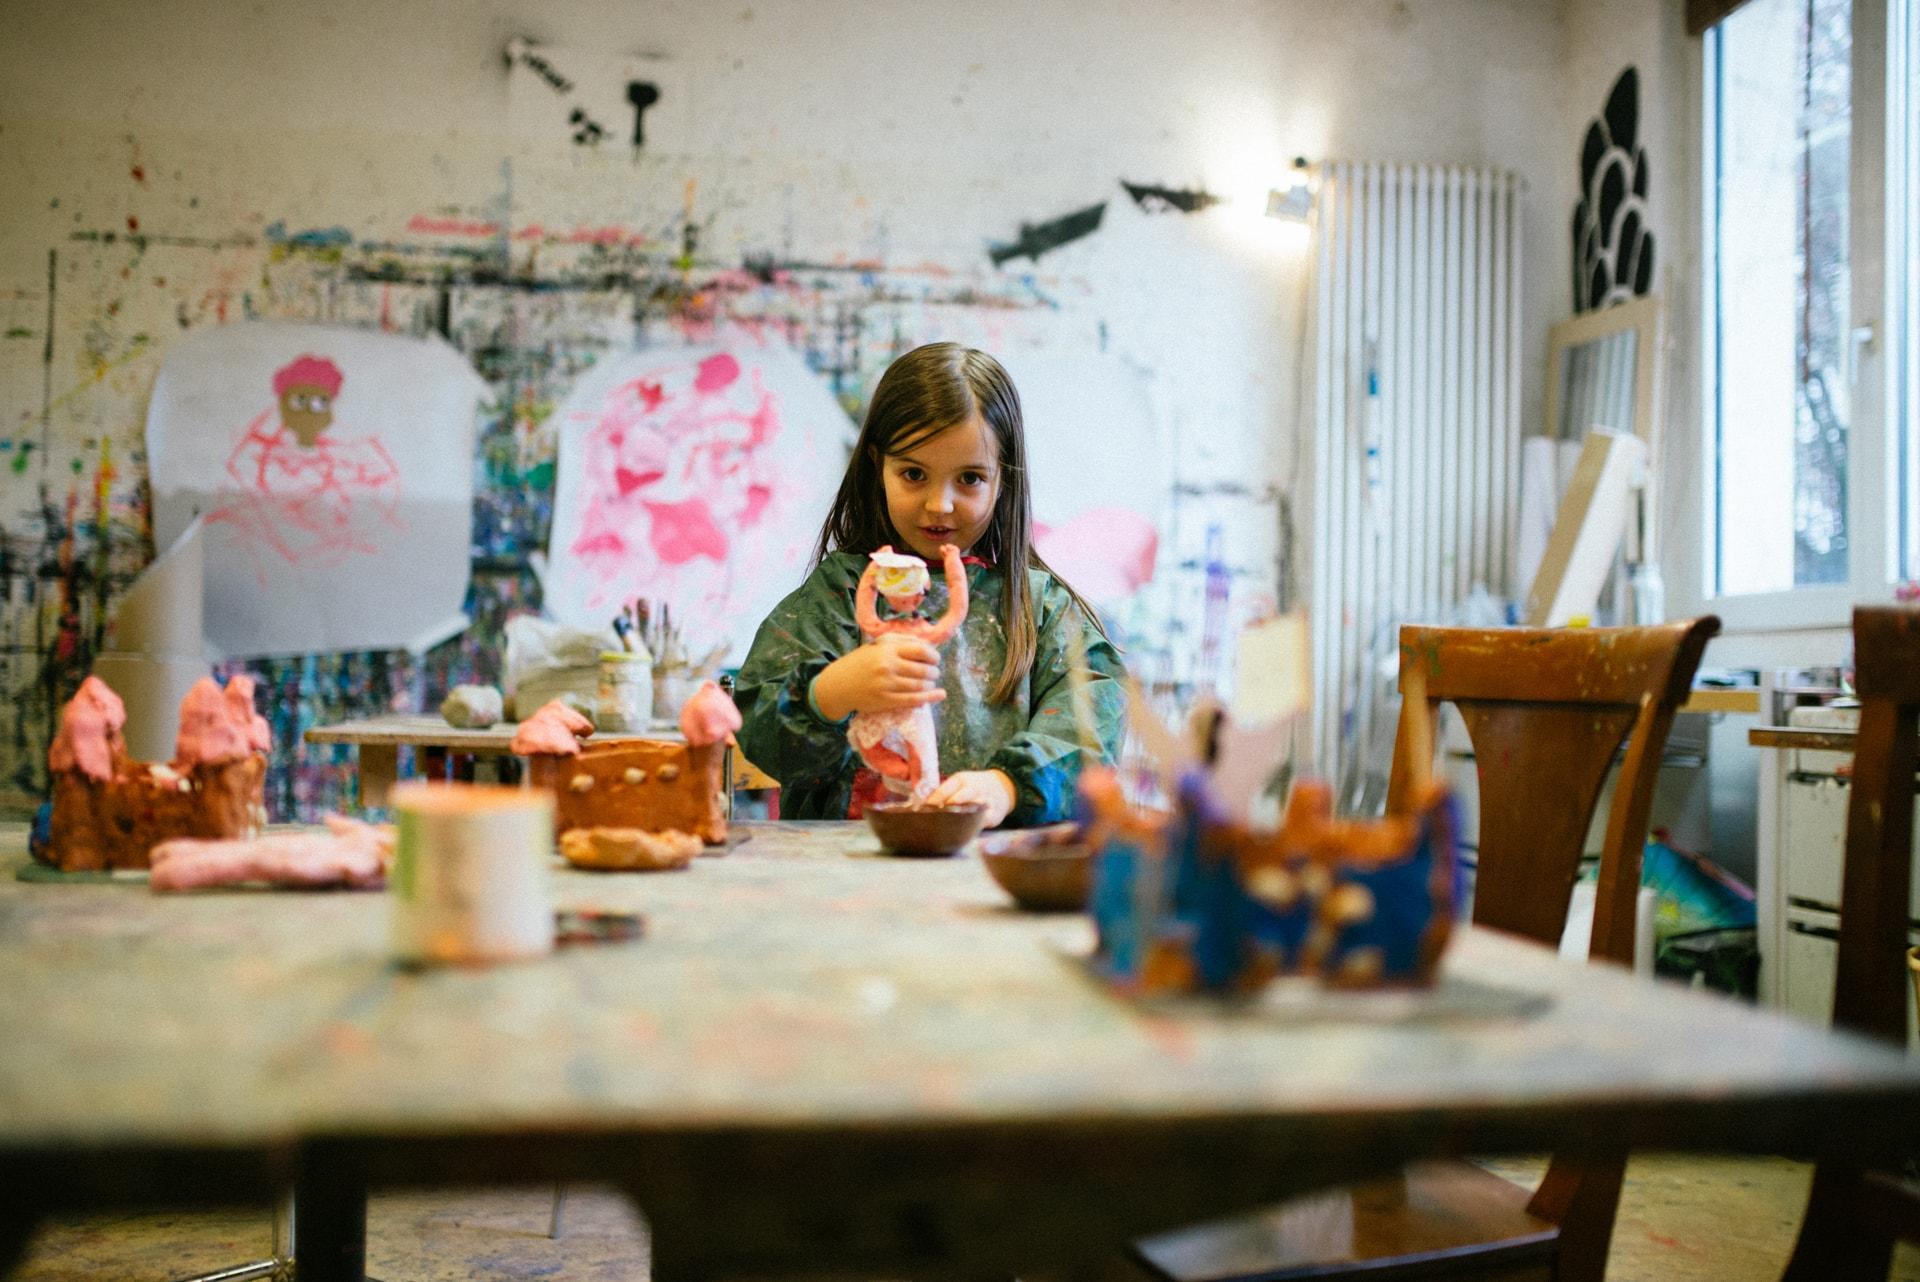 Ecole Edenpark - Une école originale - Un environnement qui soutient la créativité